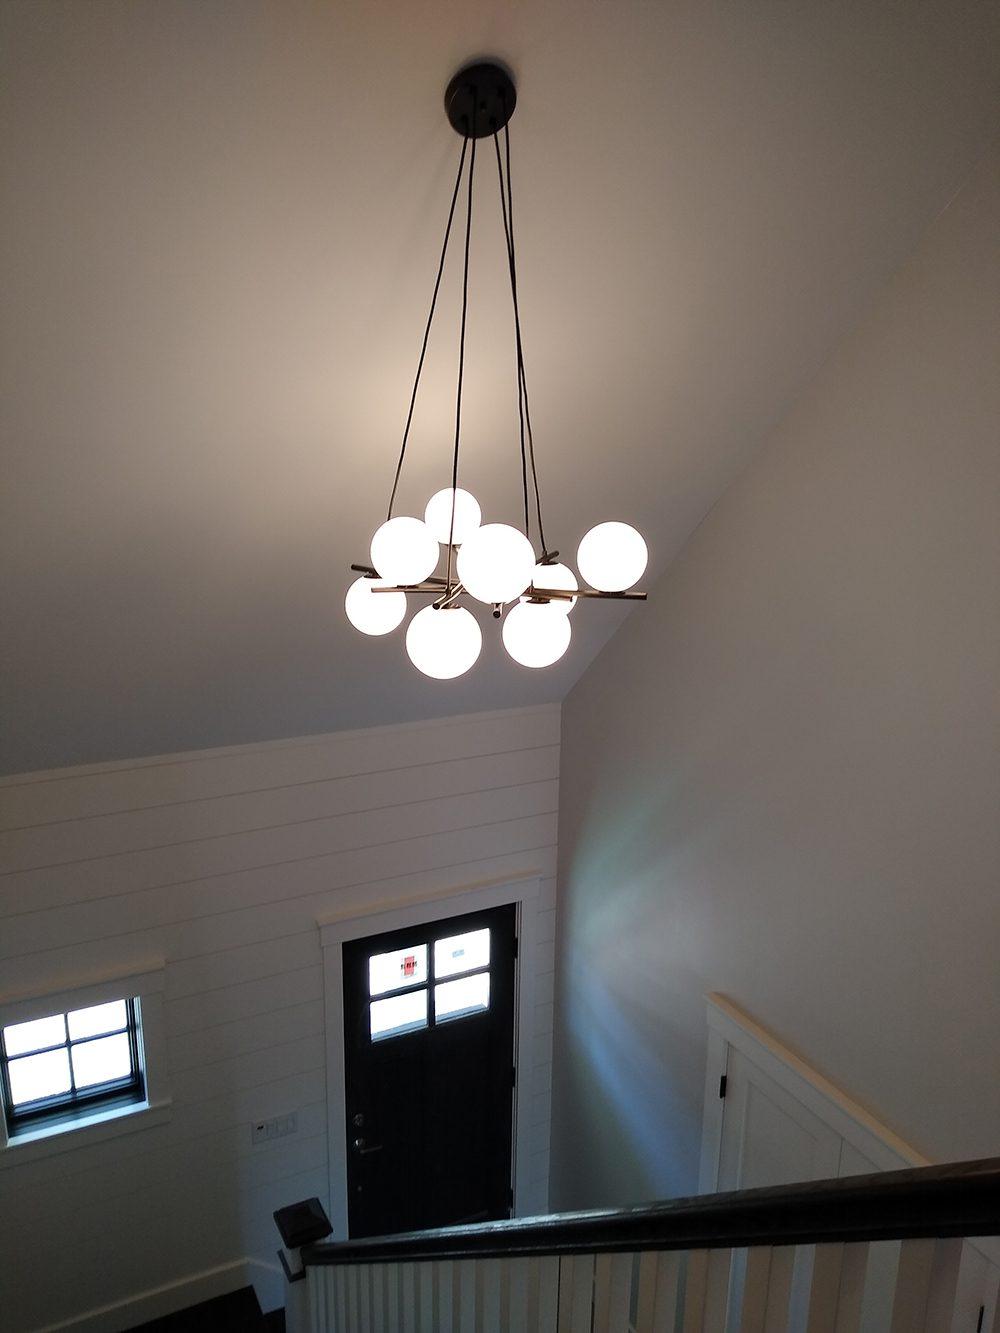 Custom Decorative Lighting Fixtures | Chandelier in Foyer